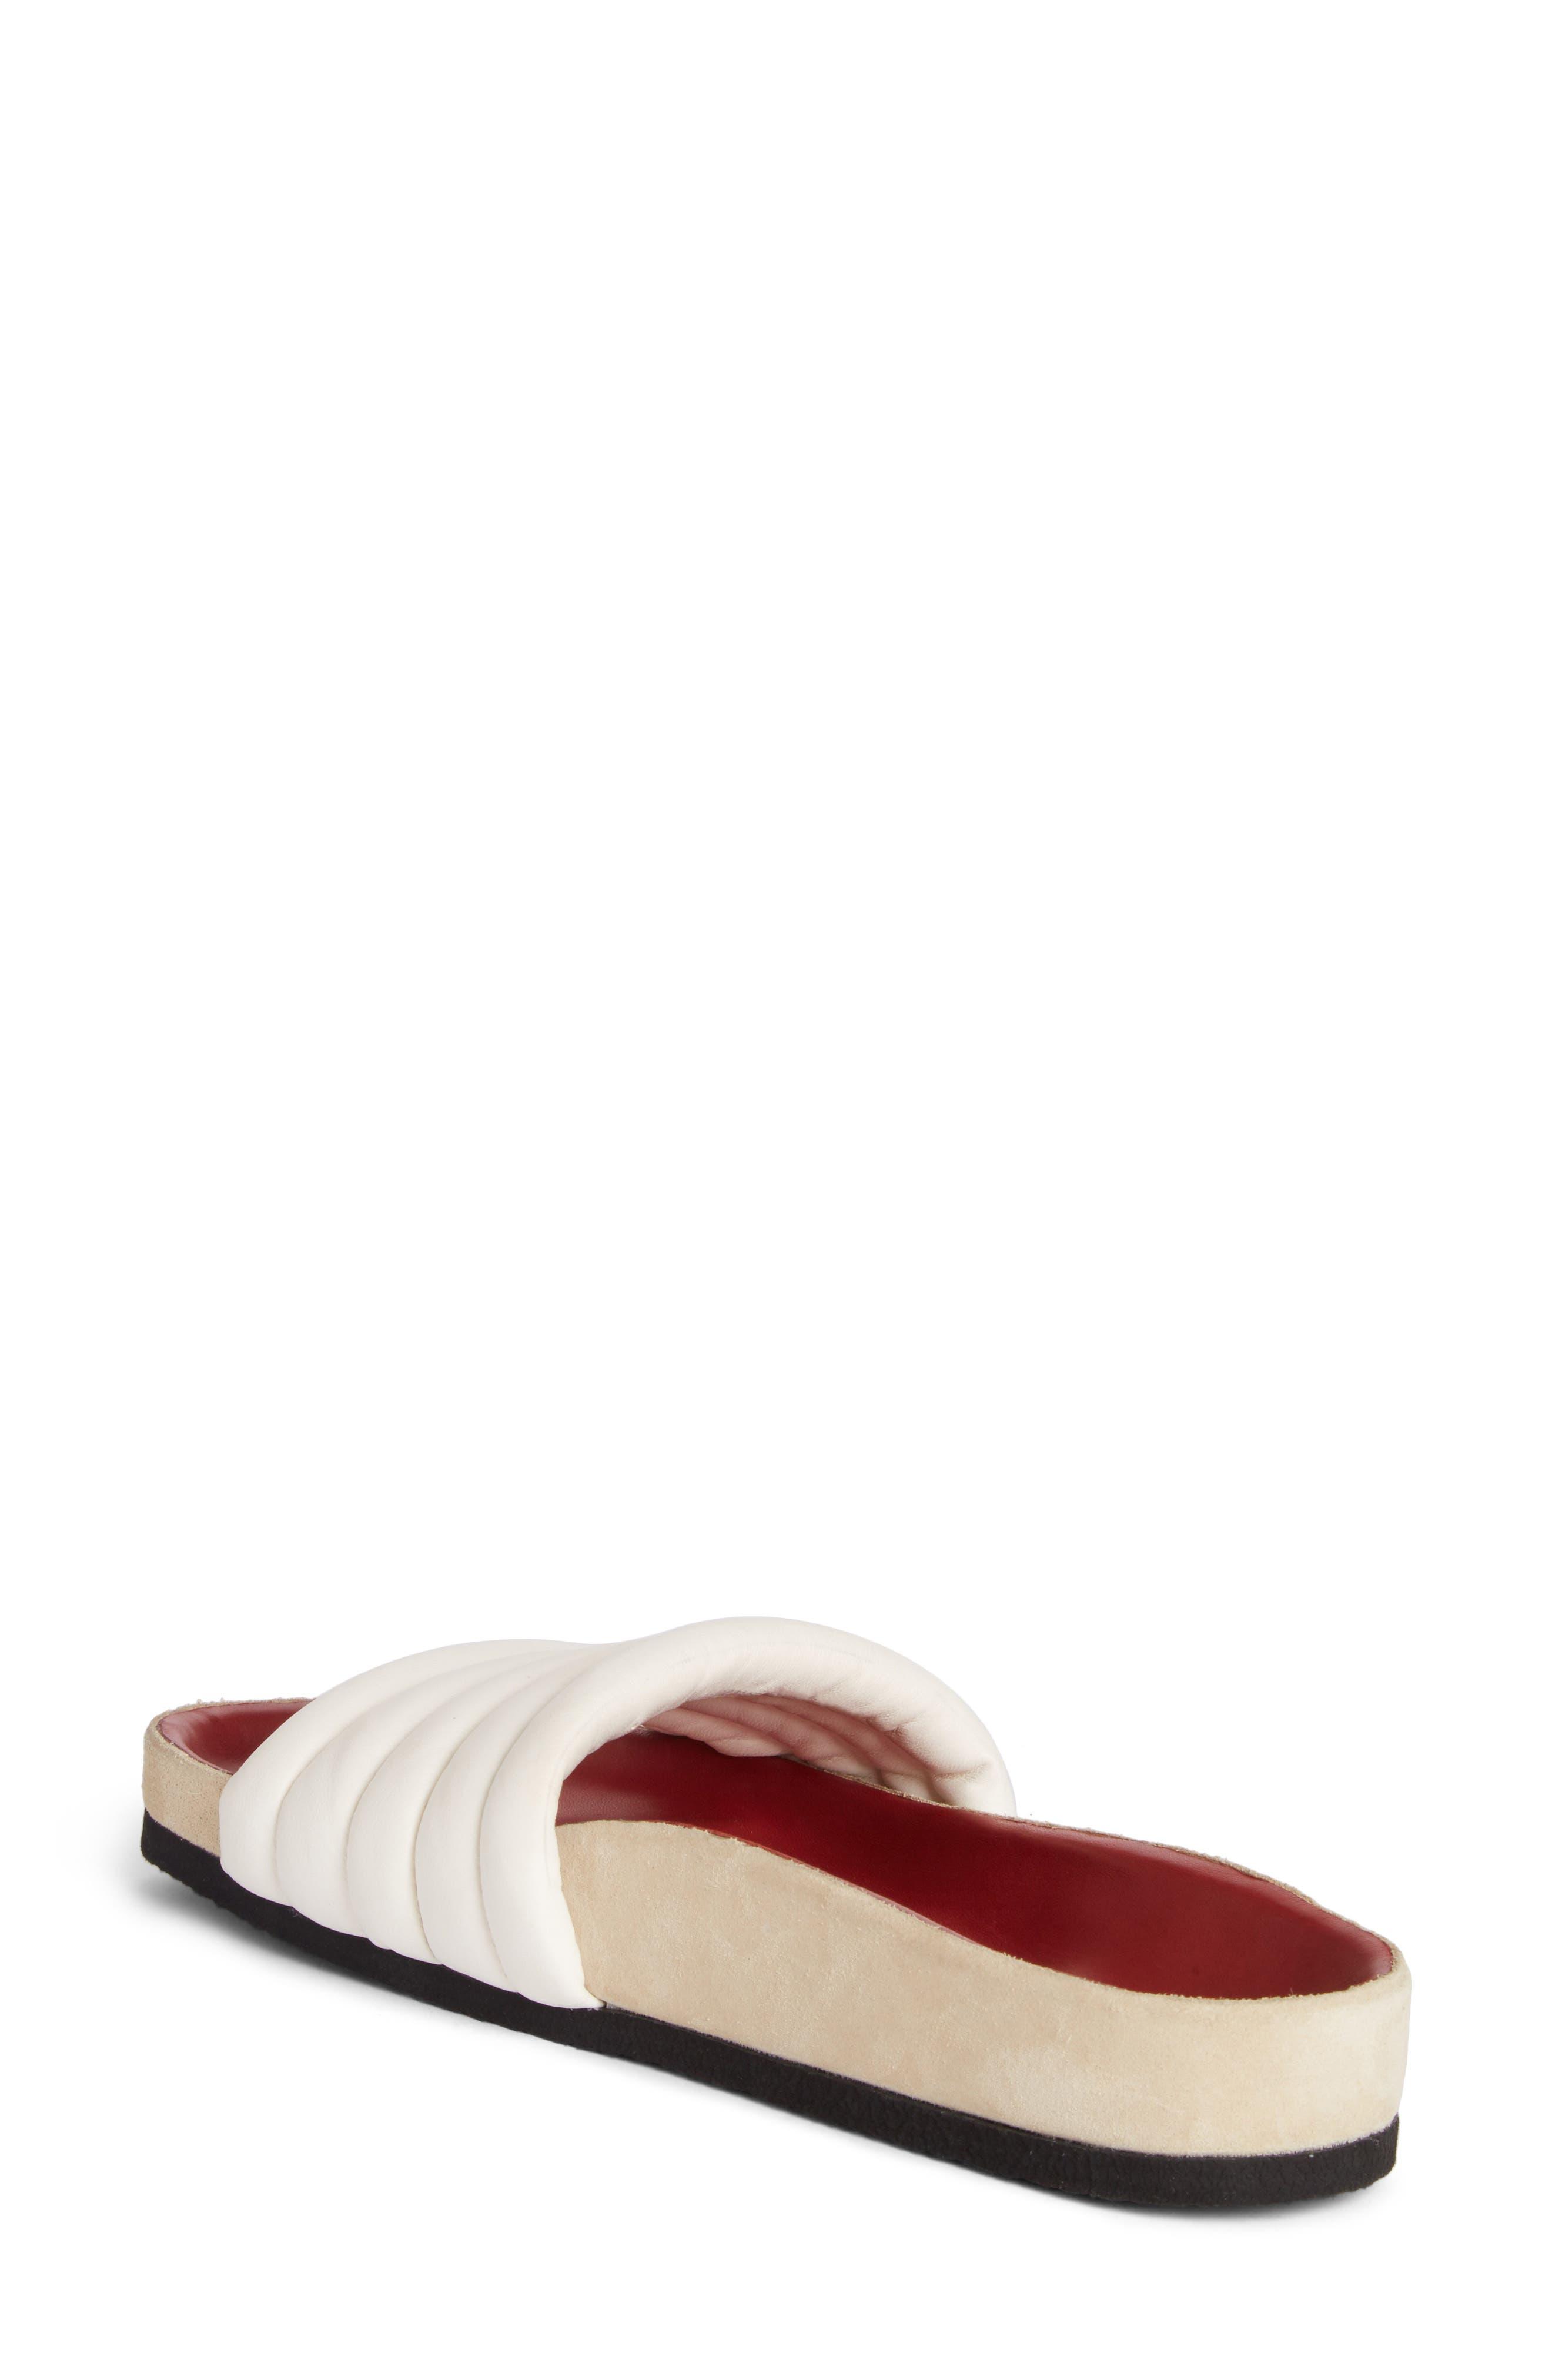 Hellea Slide Sandal,                             Alternate thumbnail 2, color,                             White